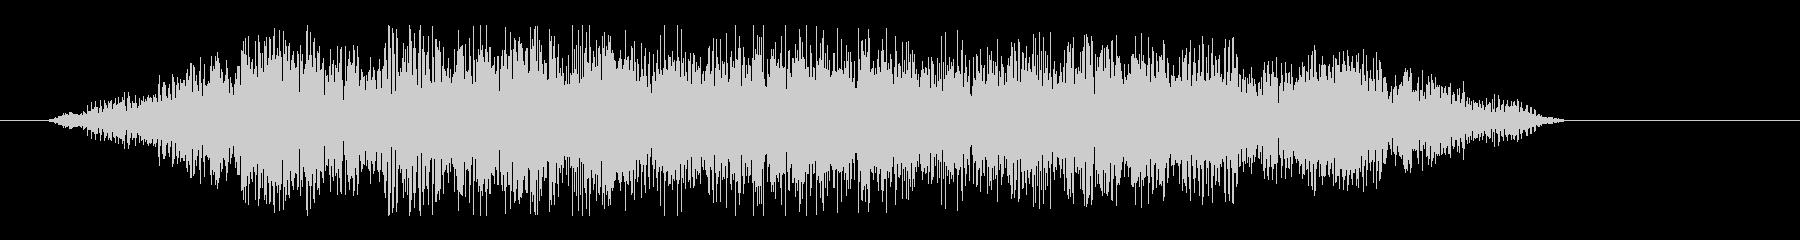 シューン(飛行物体の移動音)の未再生の波形